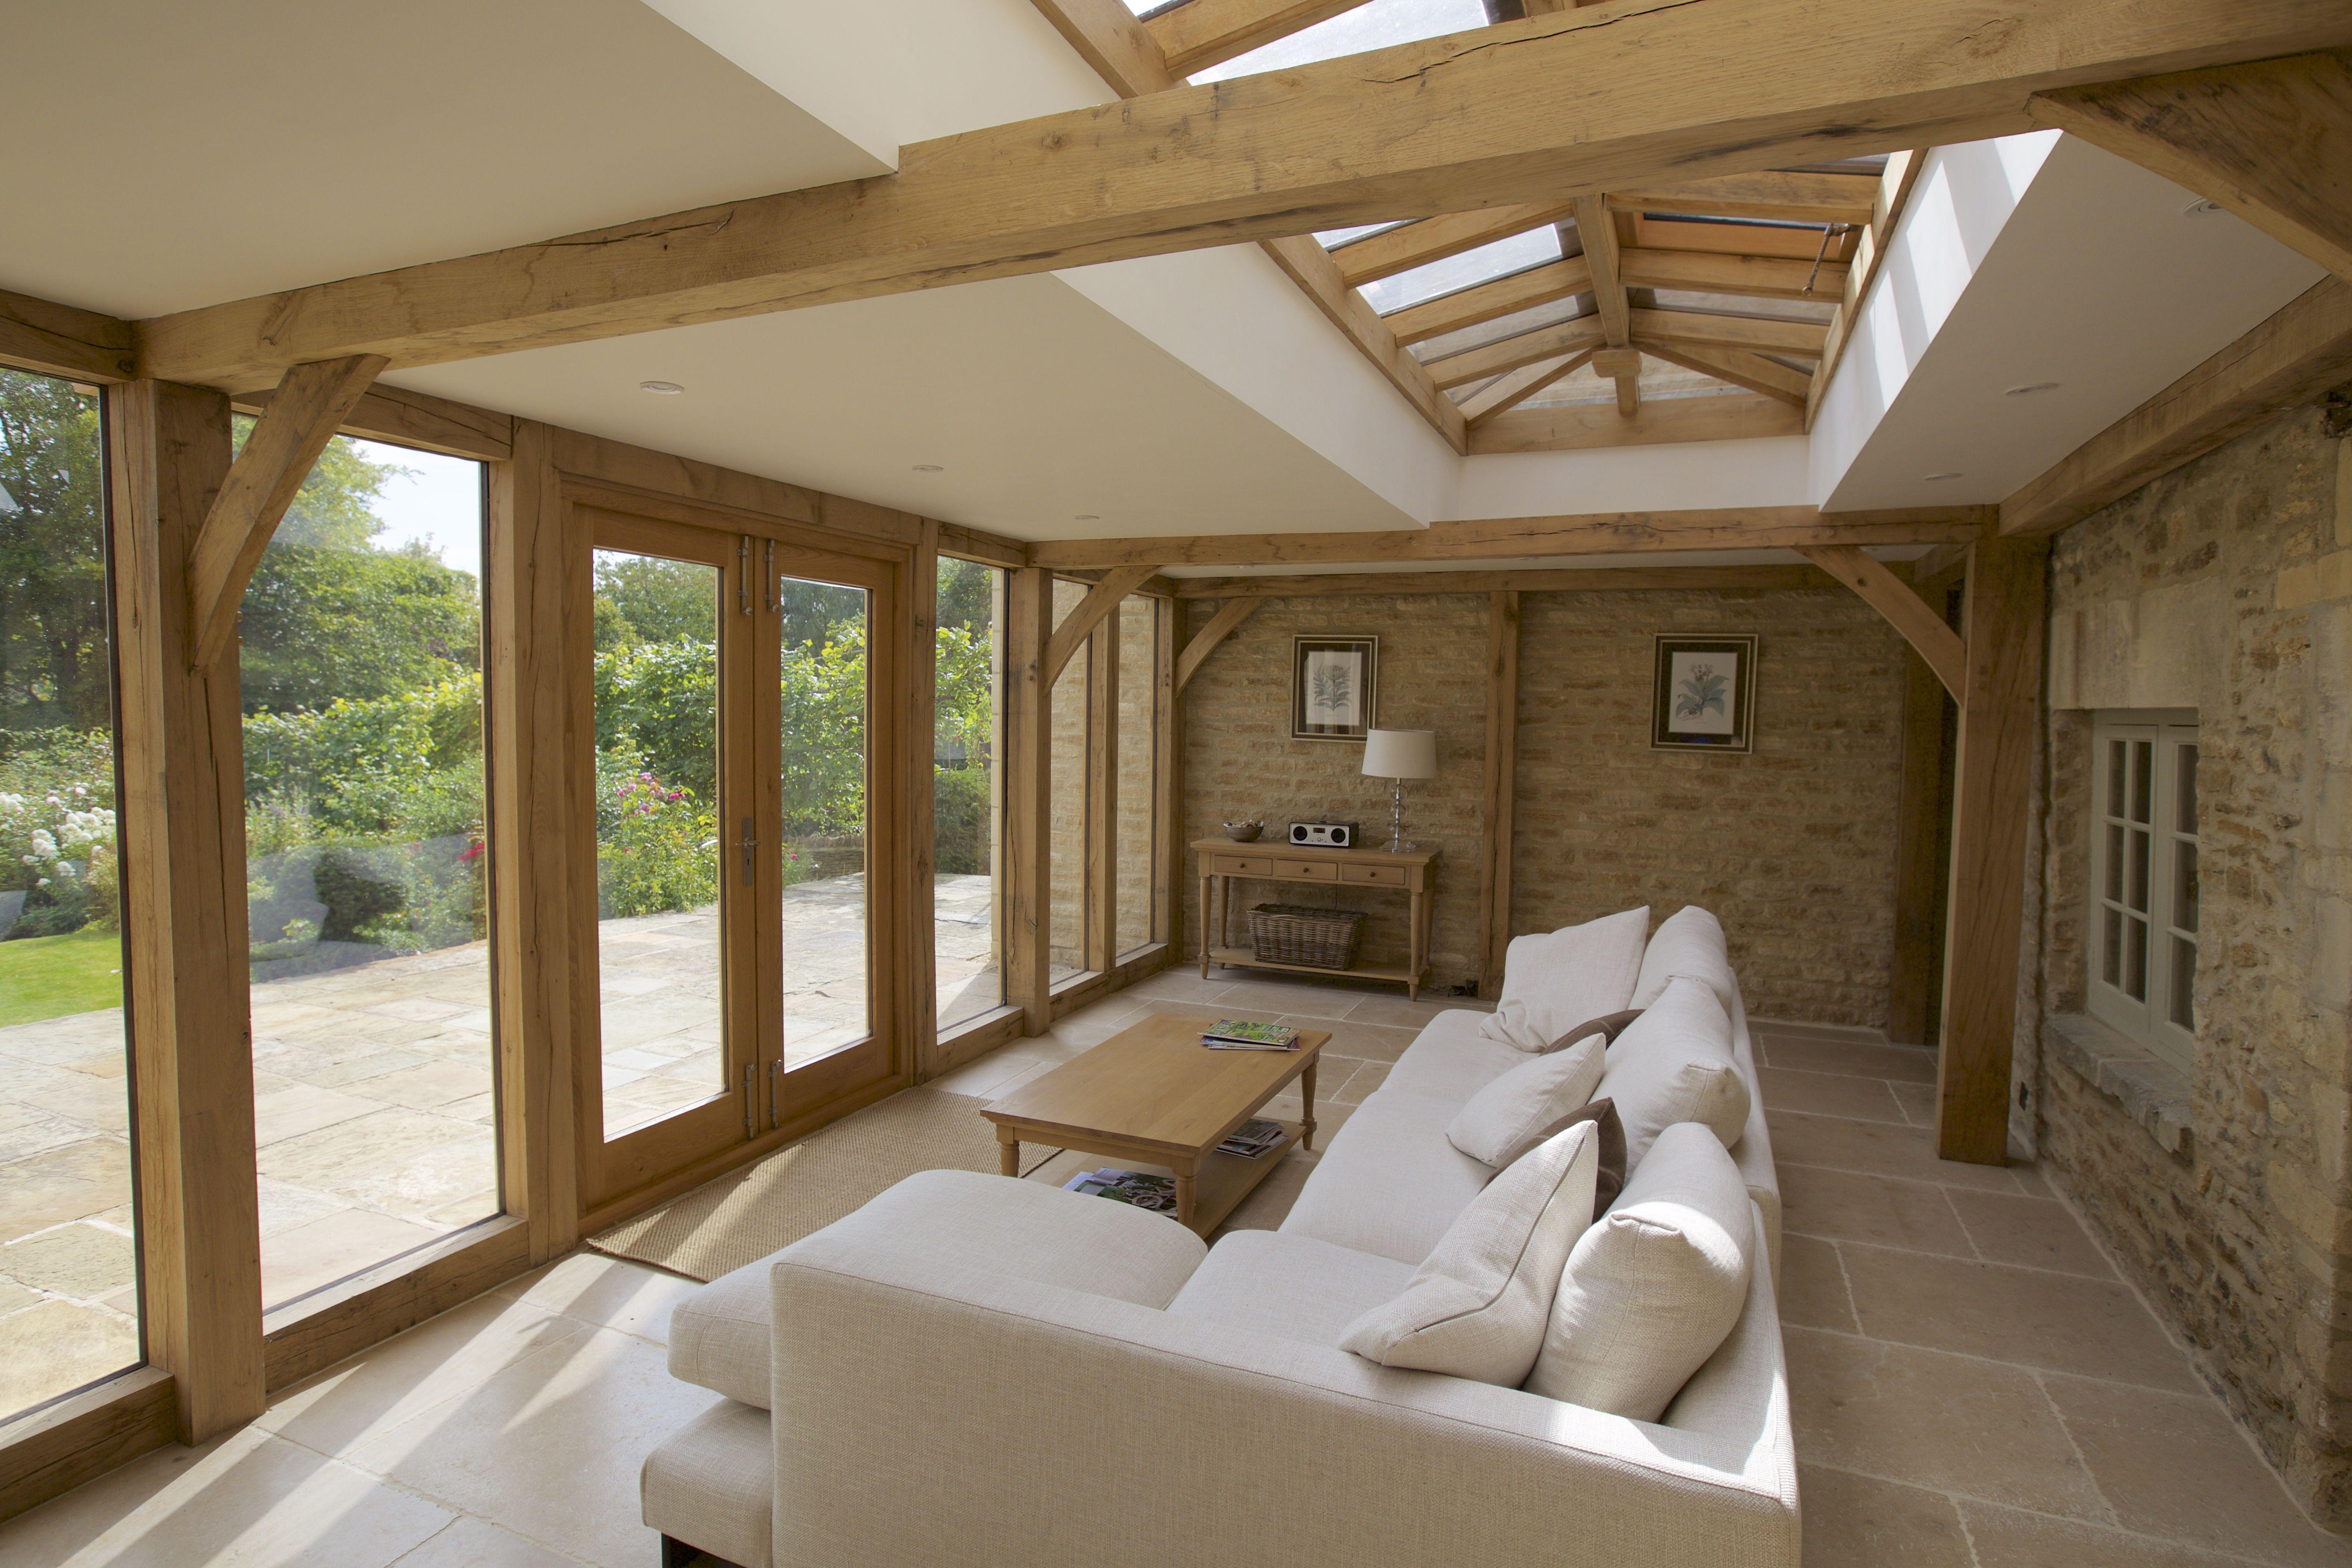 Orangeries Oak Framed Orangery Garden Room Extensions French